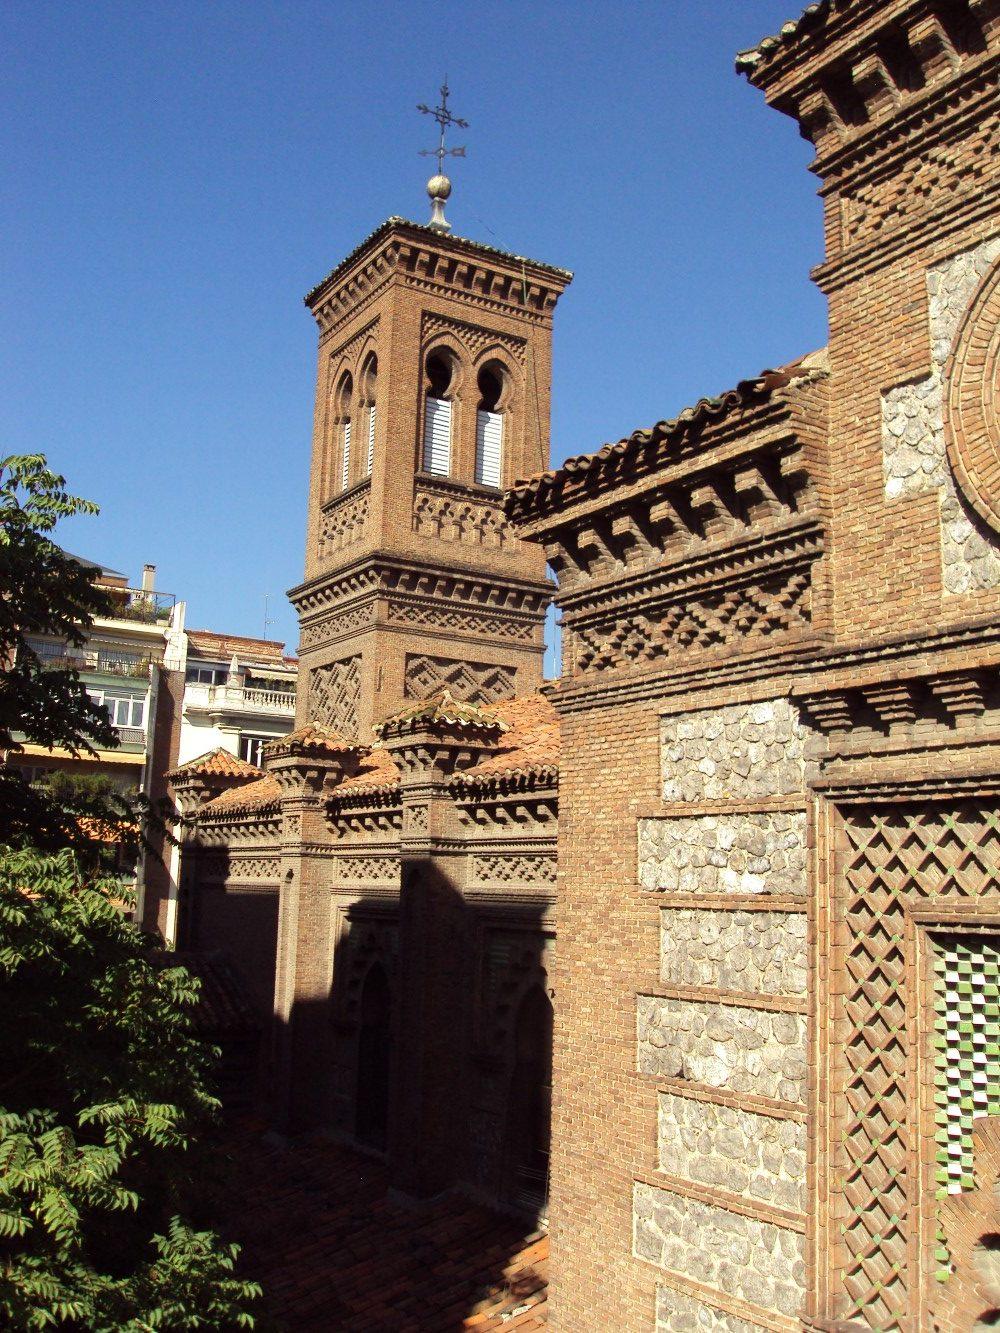 Iglesia de san ferm n de los navarros madrid kerkide for Pisos en san fermin madrid